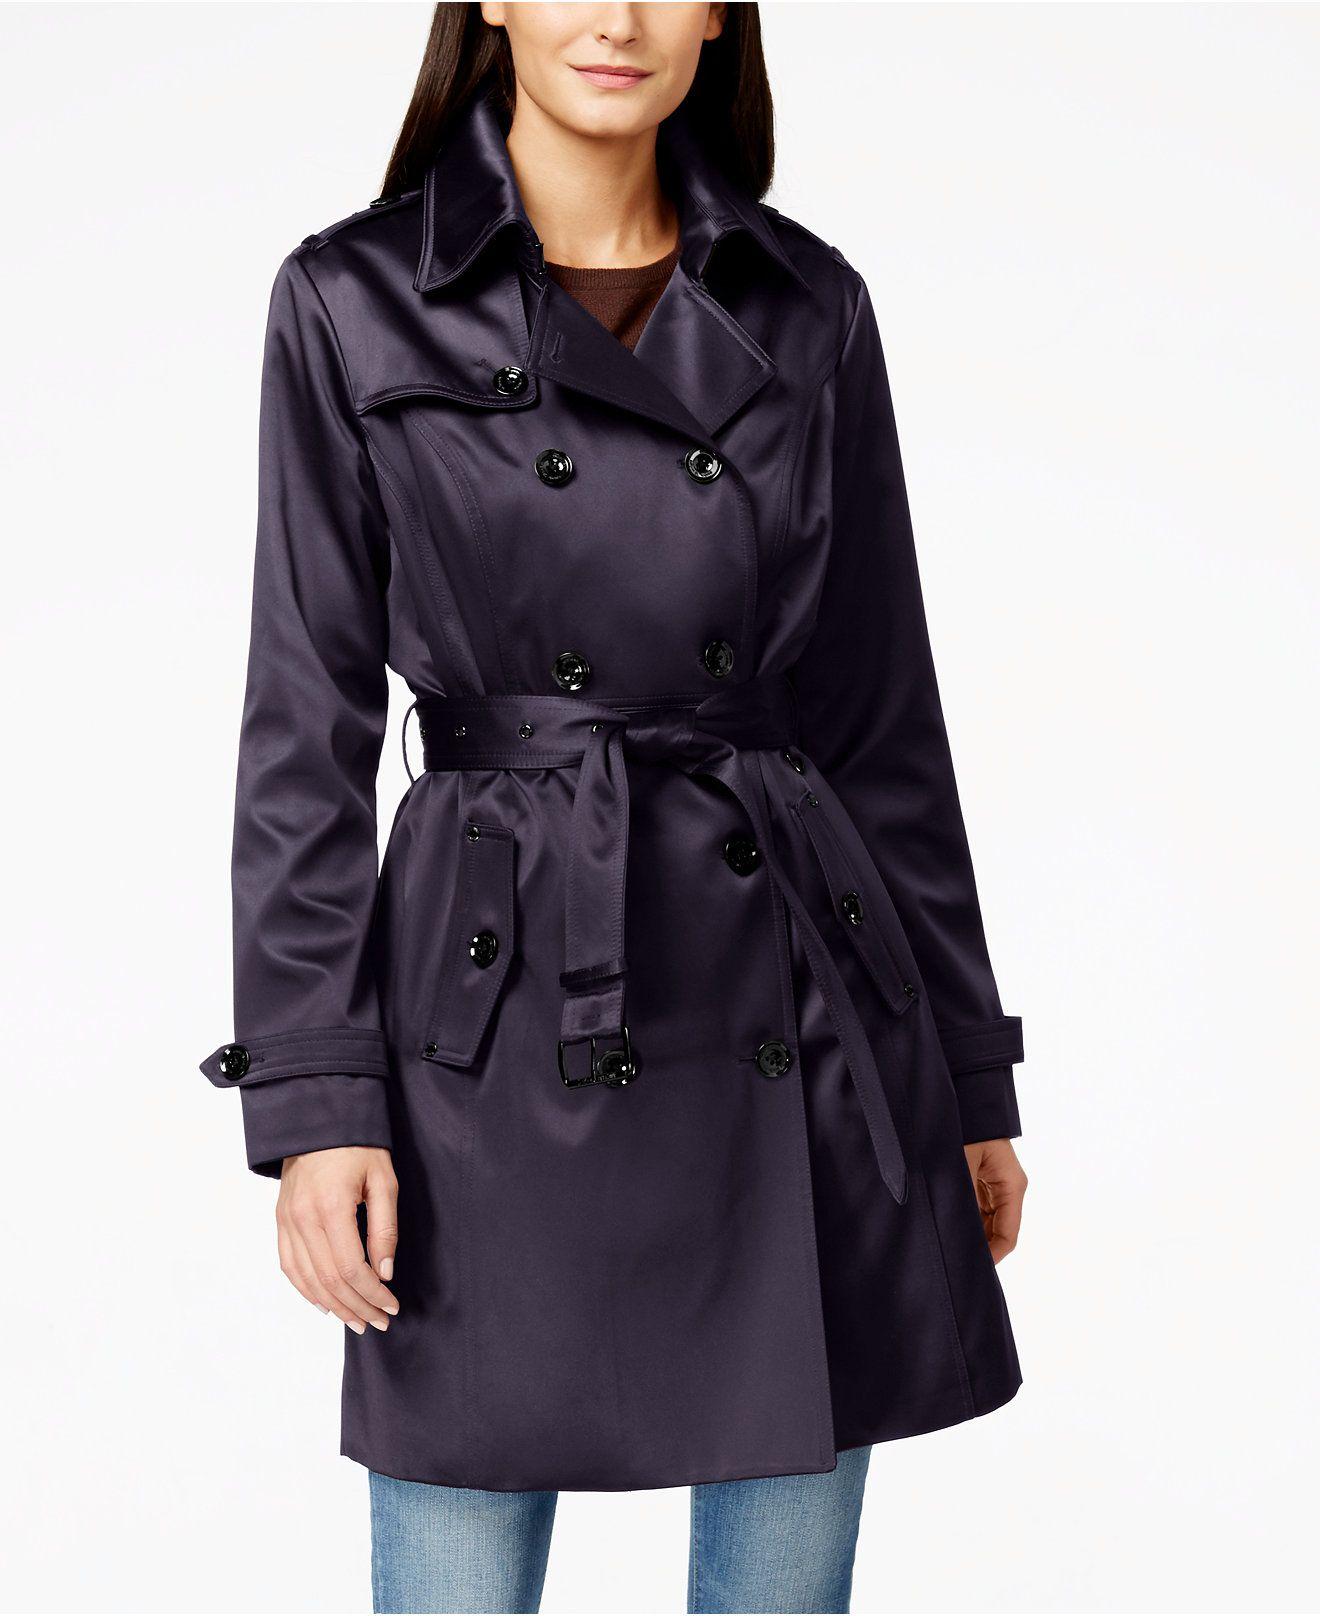 Michael Michael Kors Satin Trench Coat Coats Women Macy S Michael Kors Coats Petite Trench Coat Trench Coat [ 1616 x 1320 Pixel ]